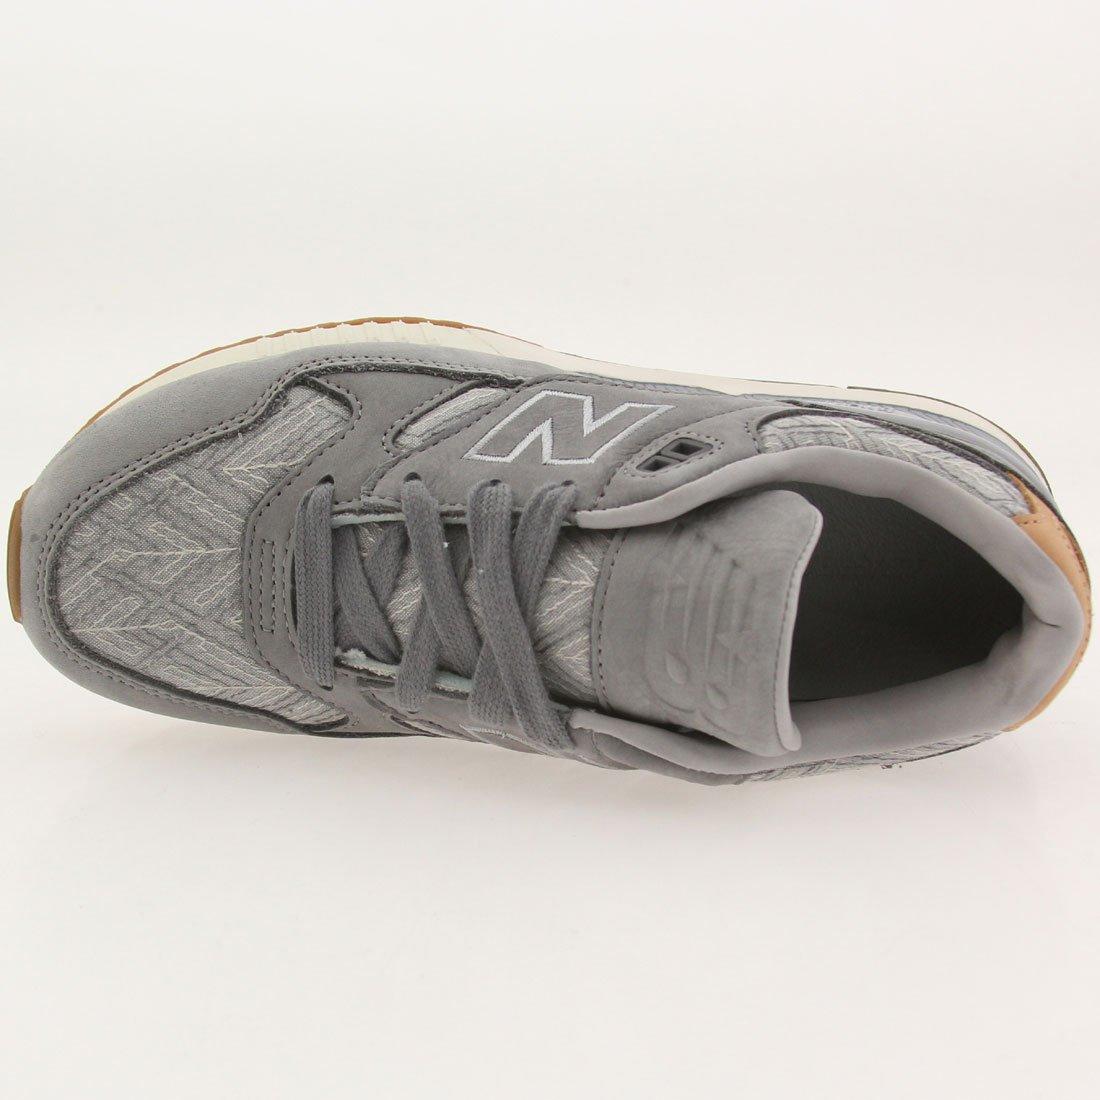 New New New Balance 530 Damen Turnschuhe Grau c3401d